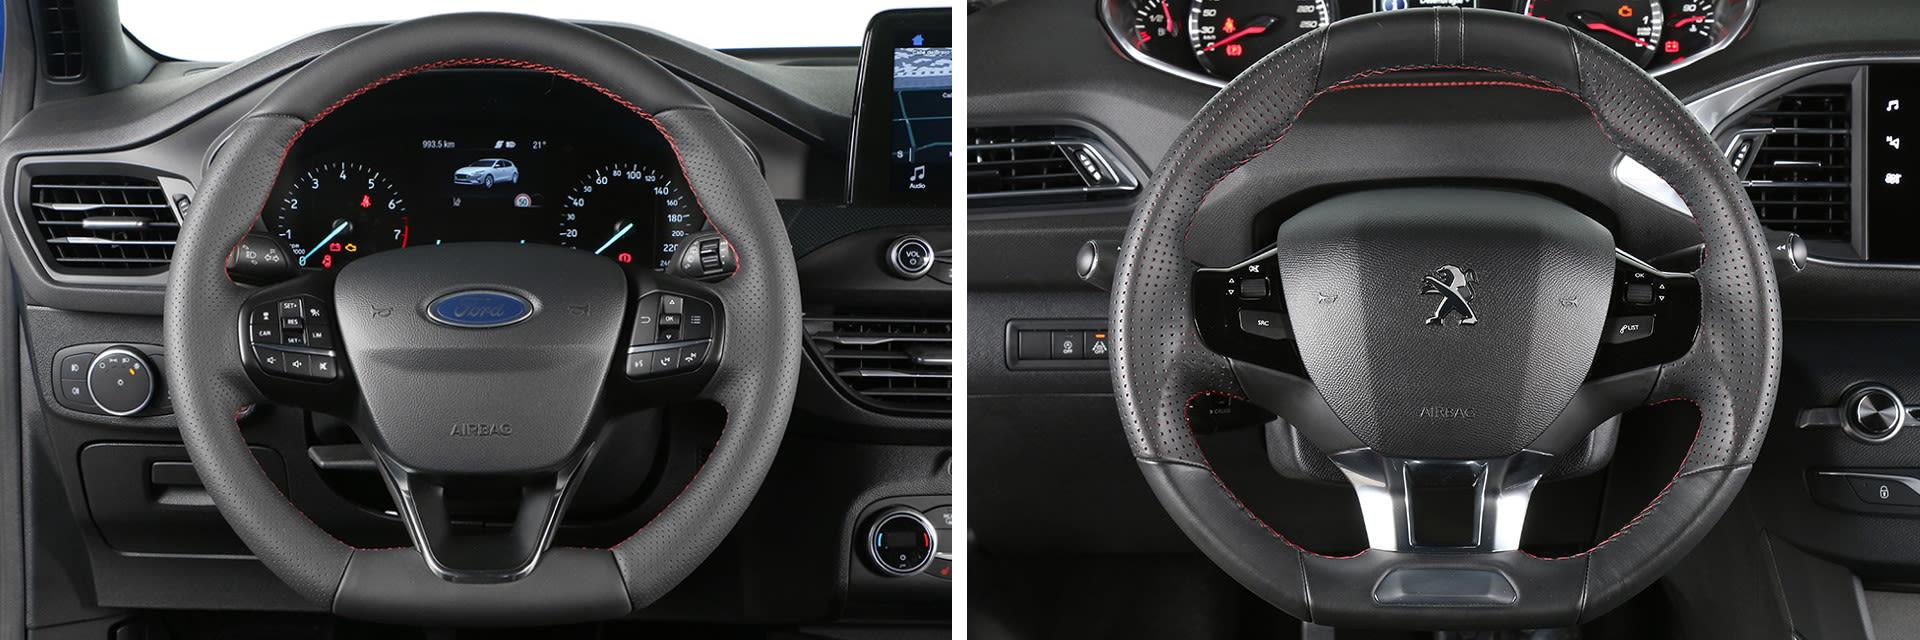 El volante del Peugeot (dcha.) es más pequeño que el del Focus (izq.) debido a que la instrumentación se ve por encima del aro del volante y no por dentro.